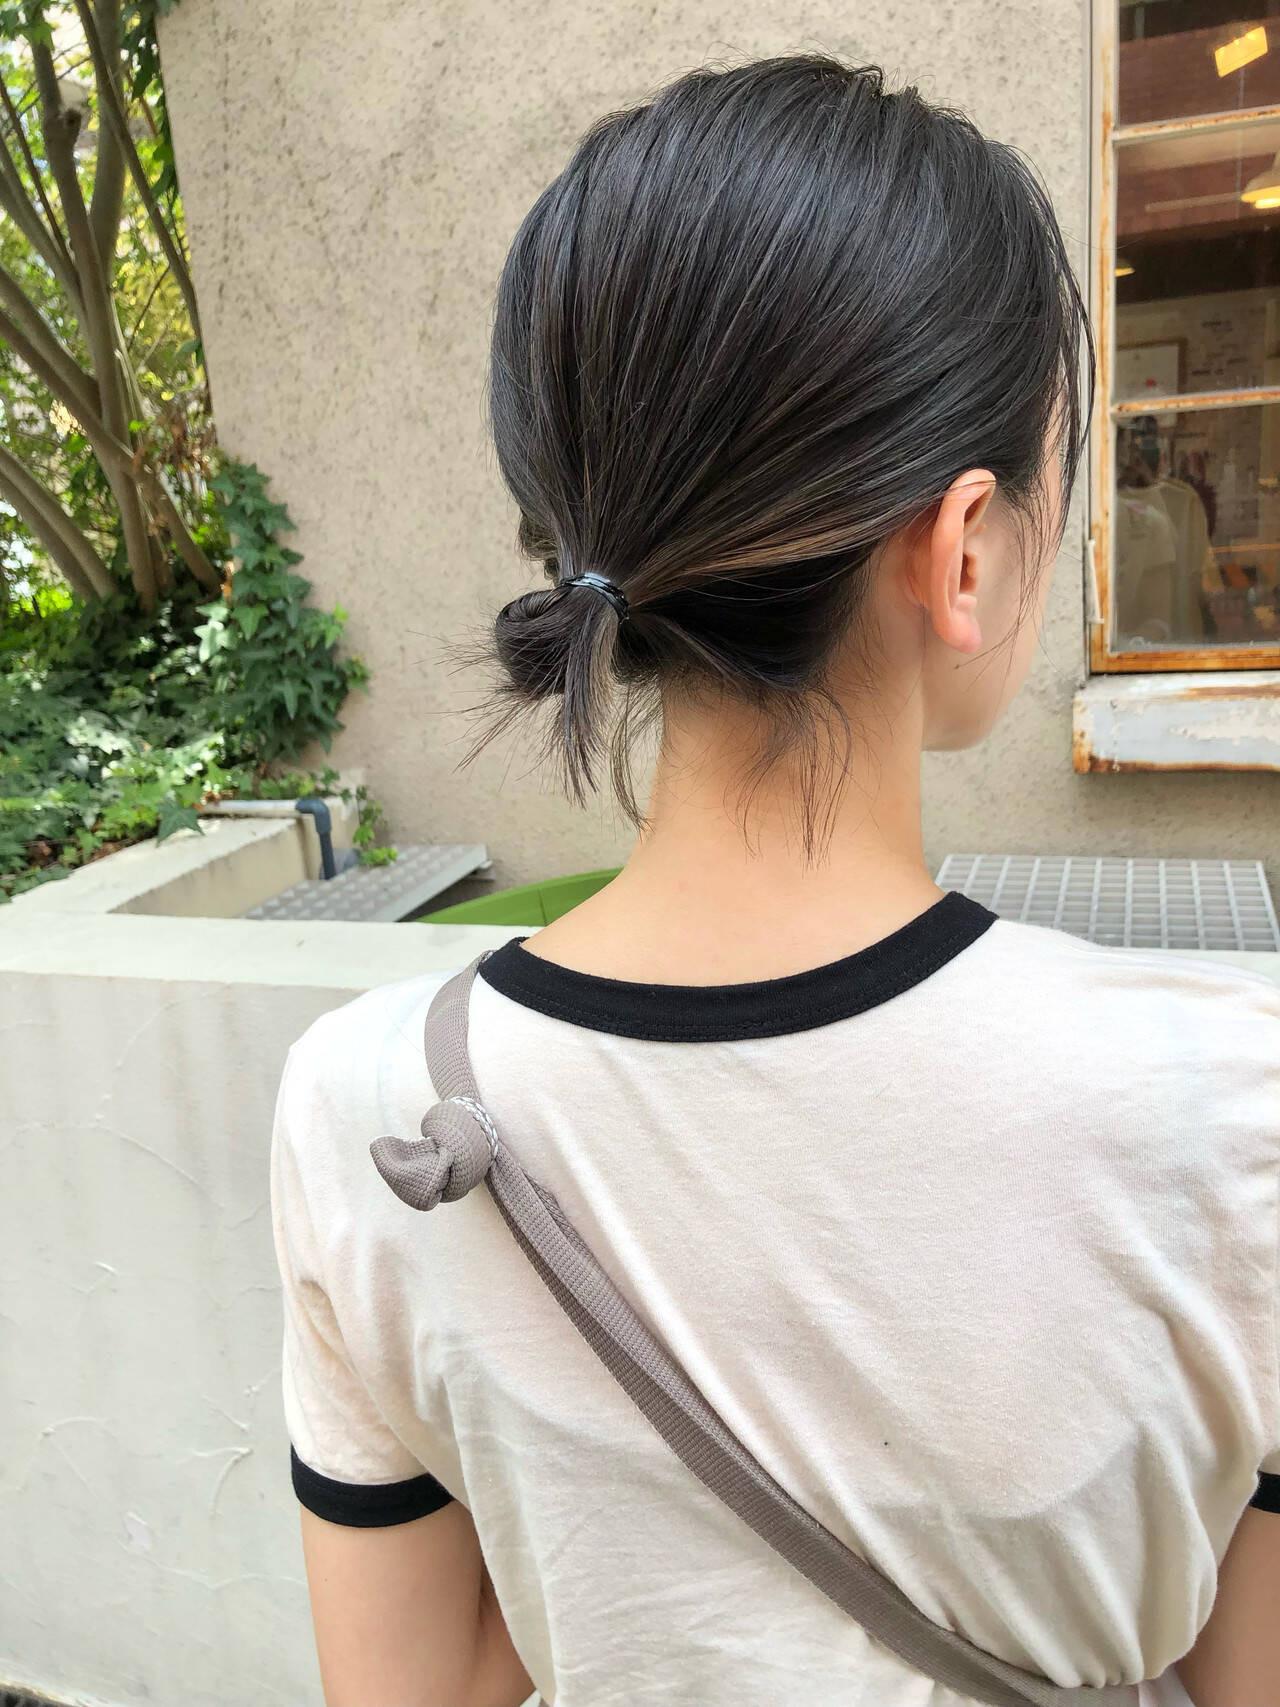 髪で隠せるように入れる 三好 佳奈美  Baco.(バコ)